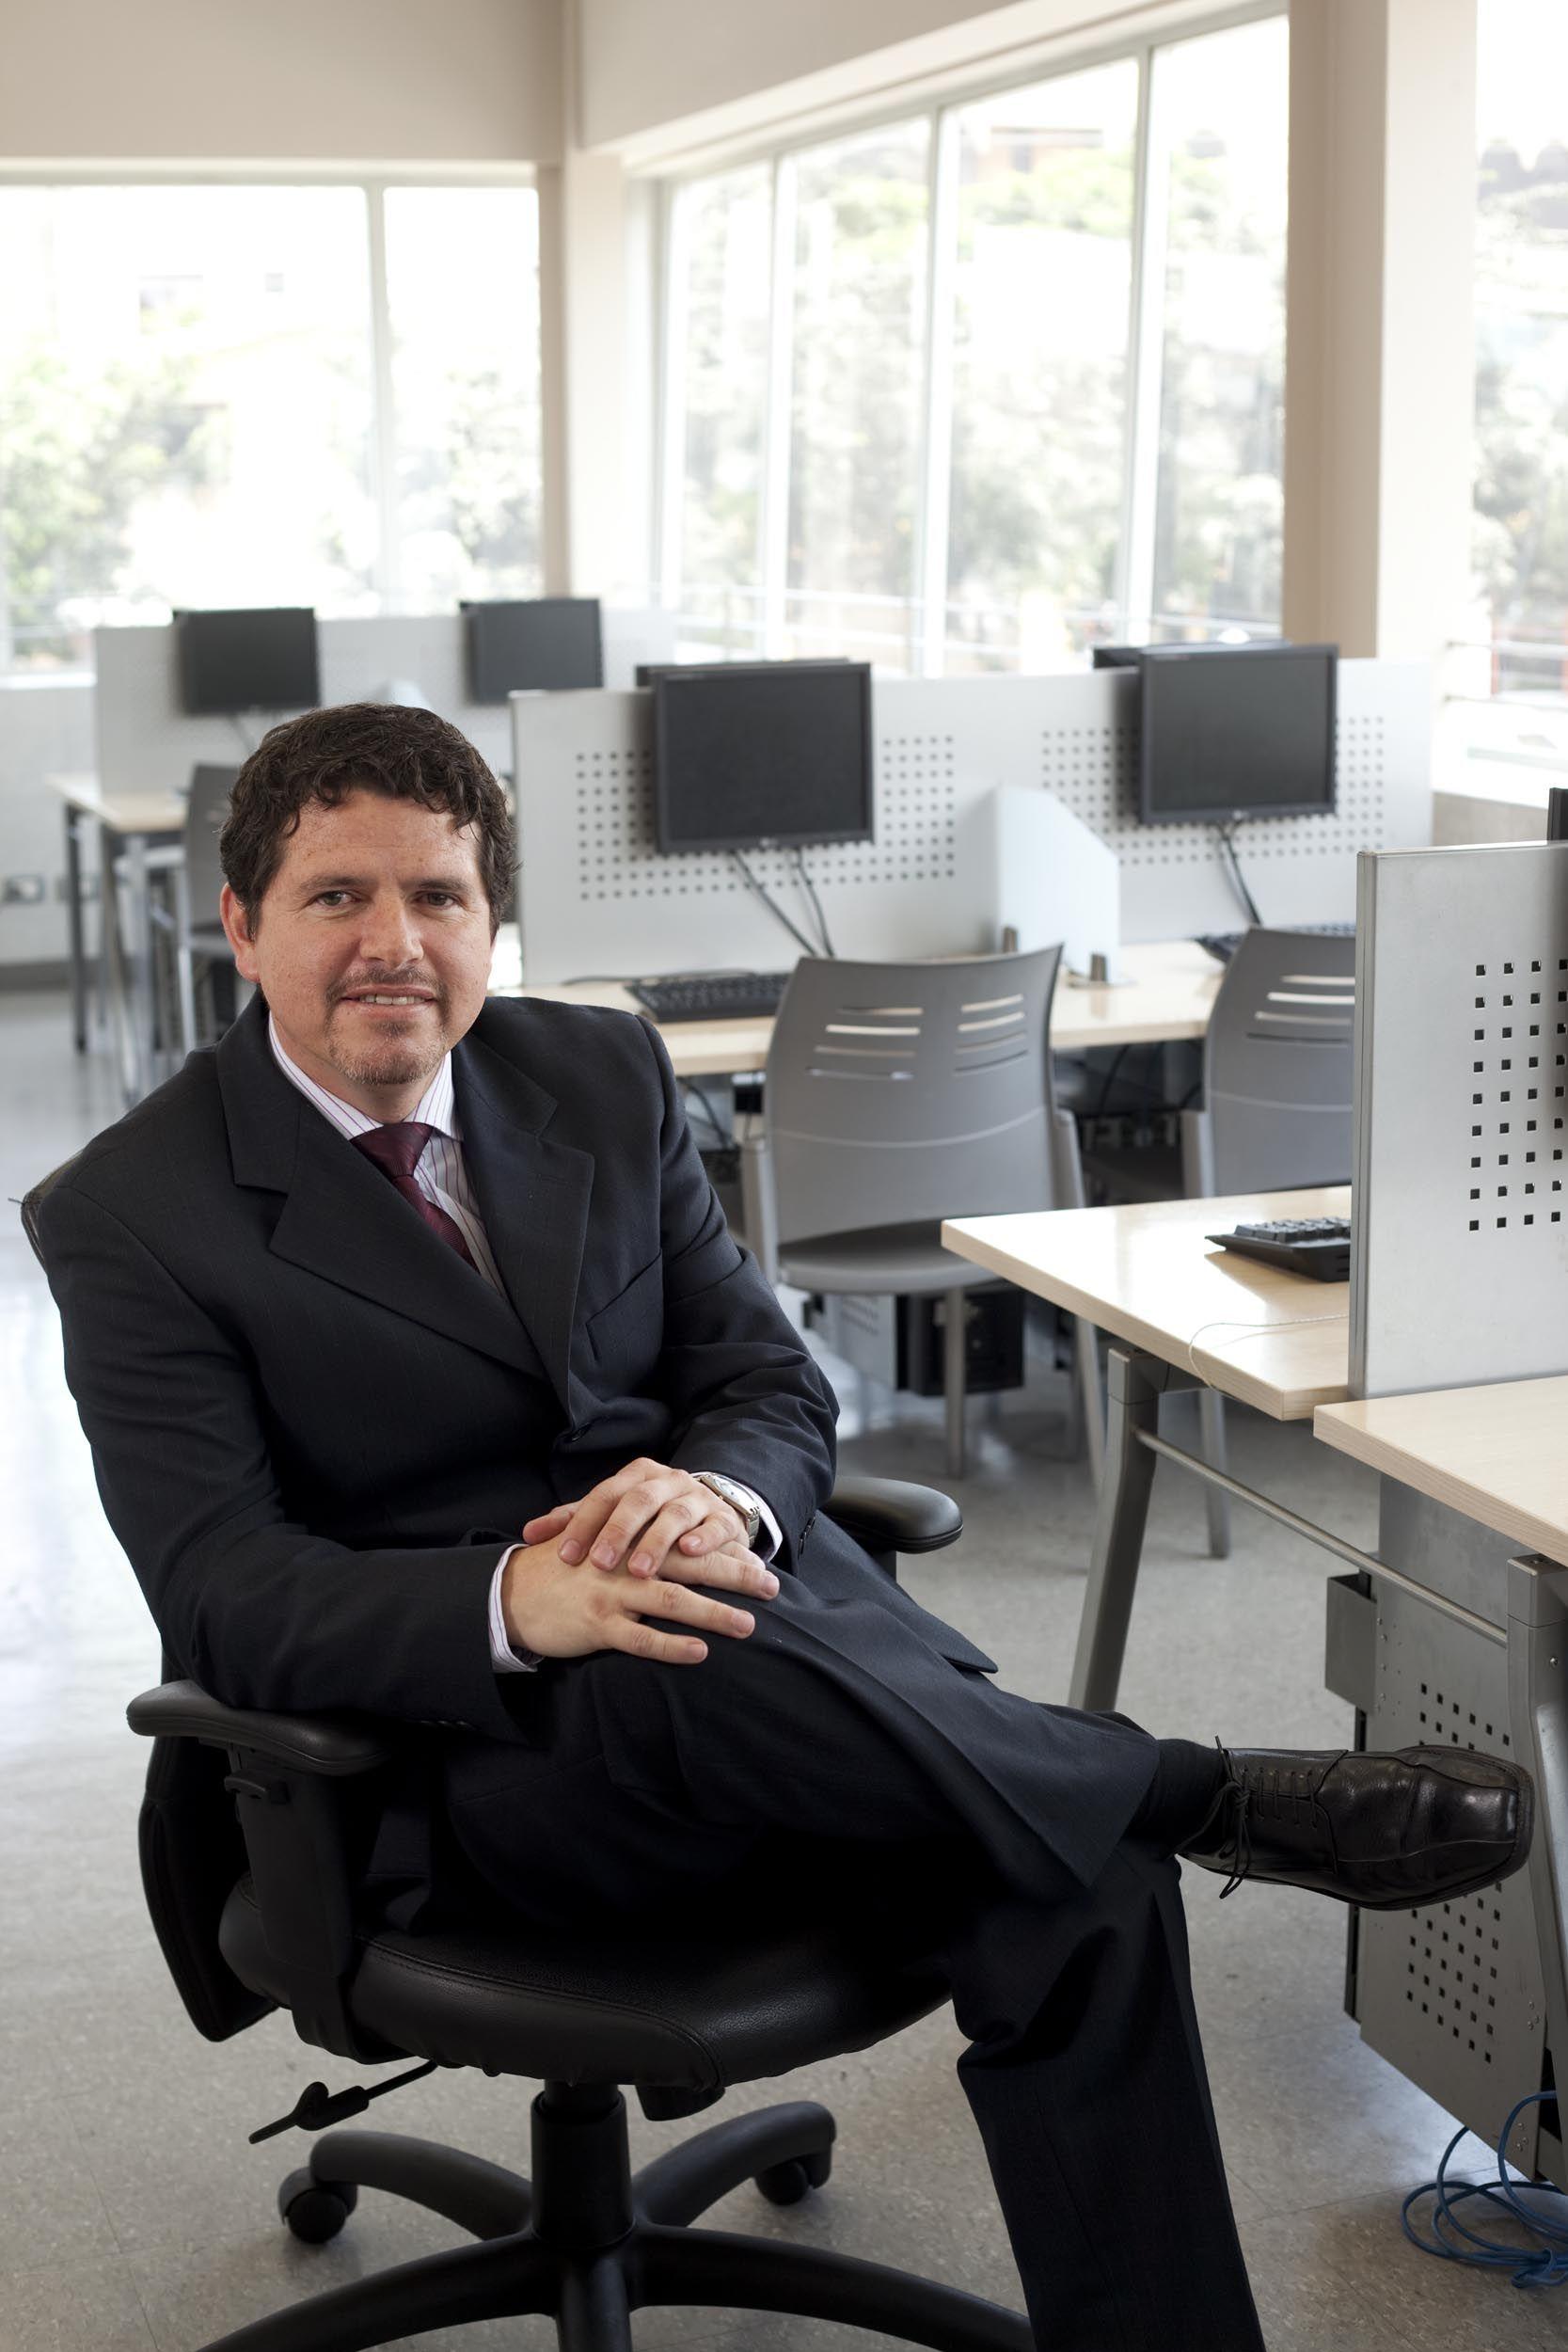 Francisco Tafur, Decano de la Facultad de Tecnología de ISIL